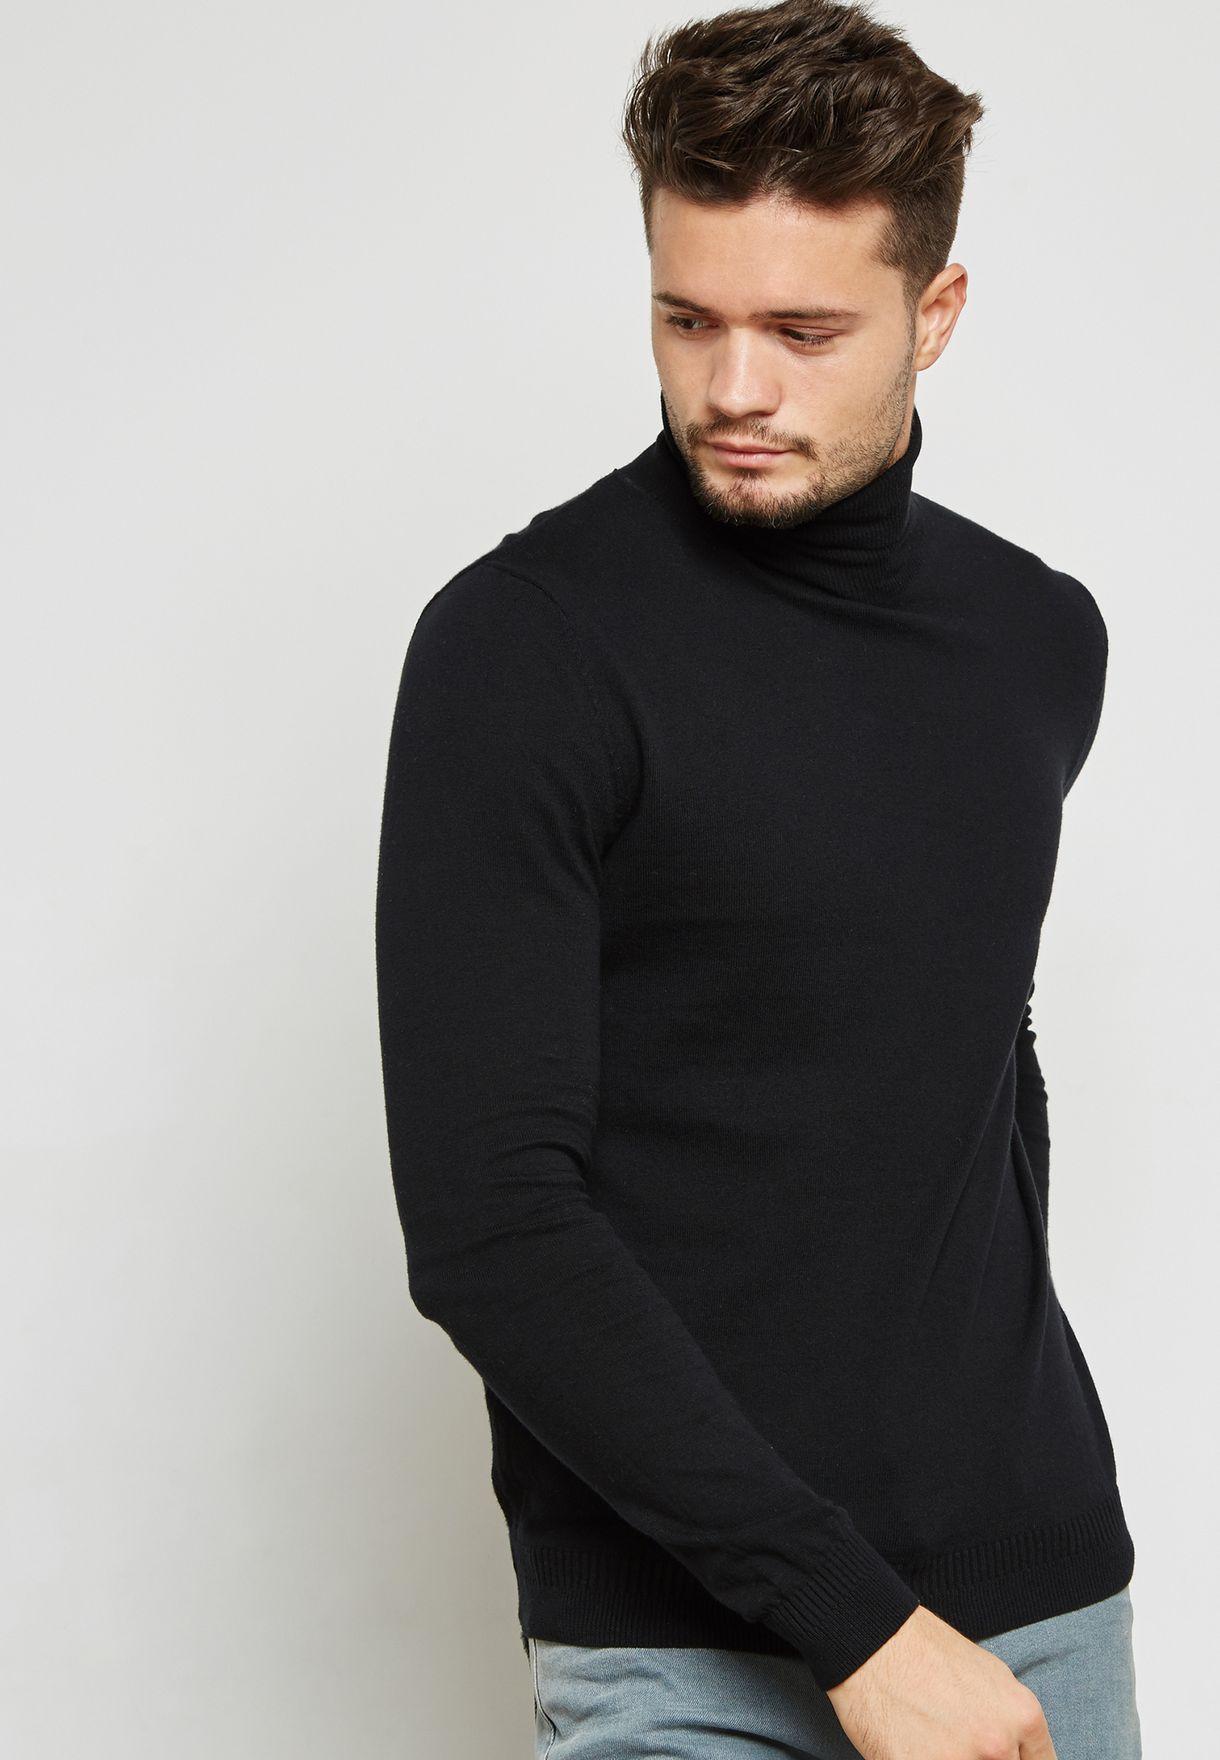 034525d3 Shop Topman black Roll Neck Sweater 81A05PBLK for Men in UAE ...